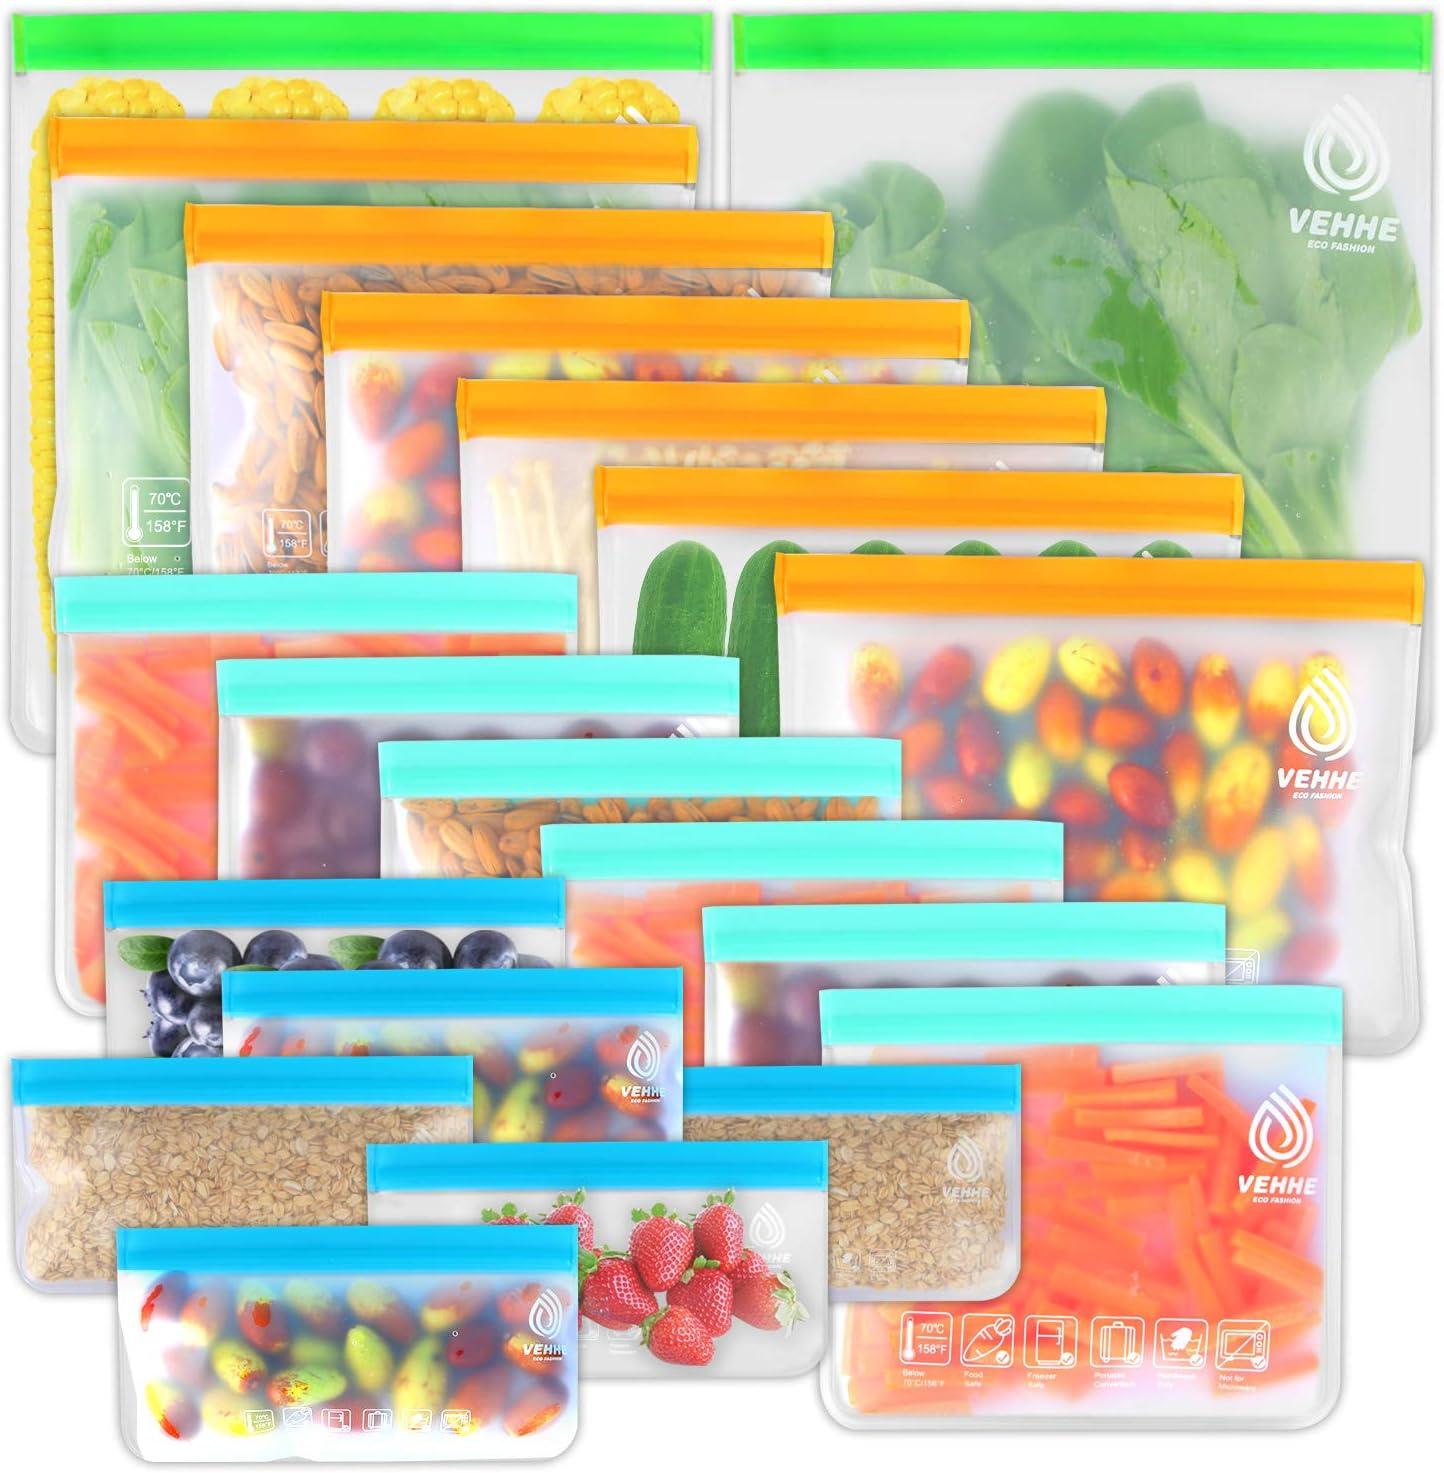 VEHHE Bolsas Silicona Reutilizables, 20pack Varios Tamaños Bolsas Congelacion PEVA de Calidad Alimentaria Bolsa de Almacenamiento Sellada a Prueba de Fugas Para Frutas Verduras Joyería Cosméticos